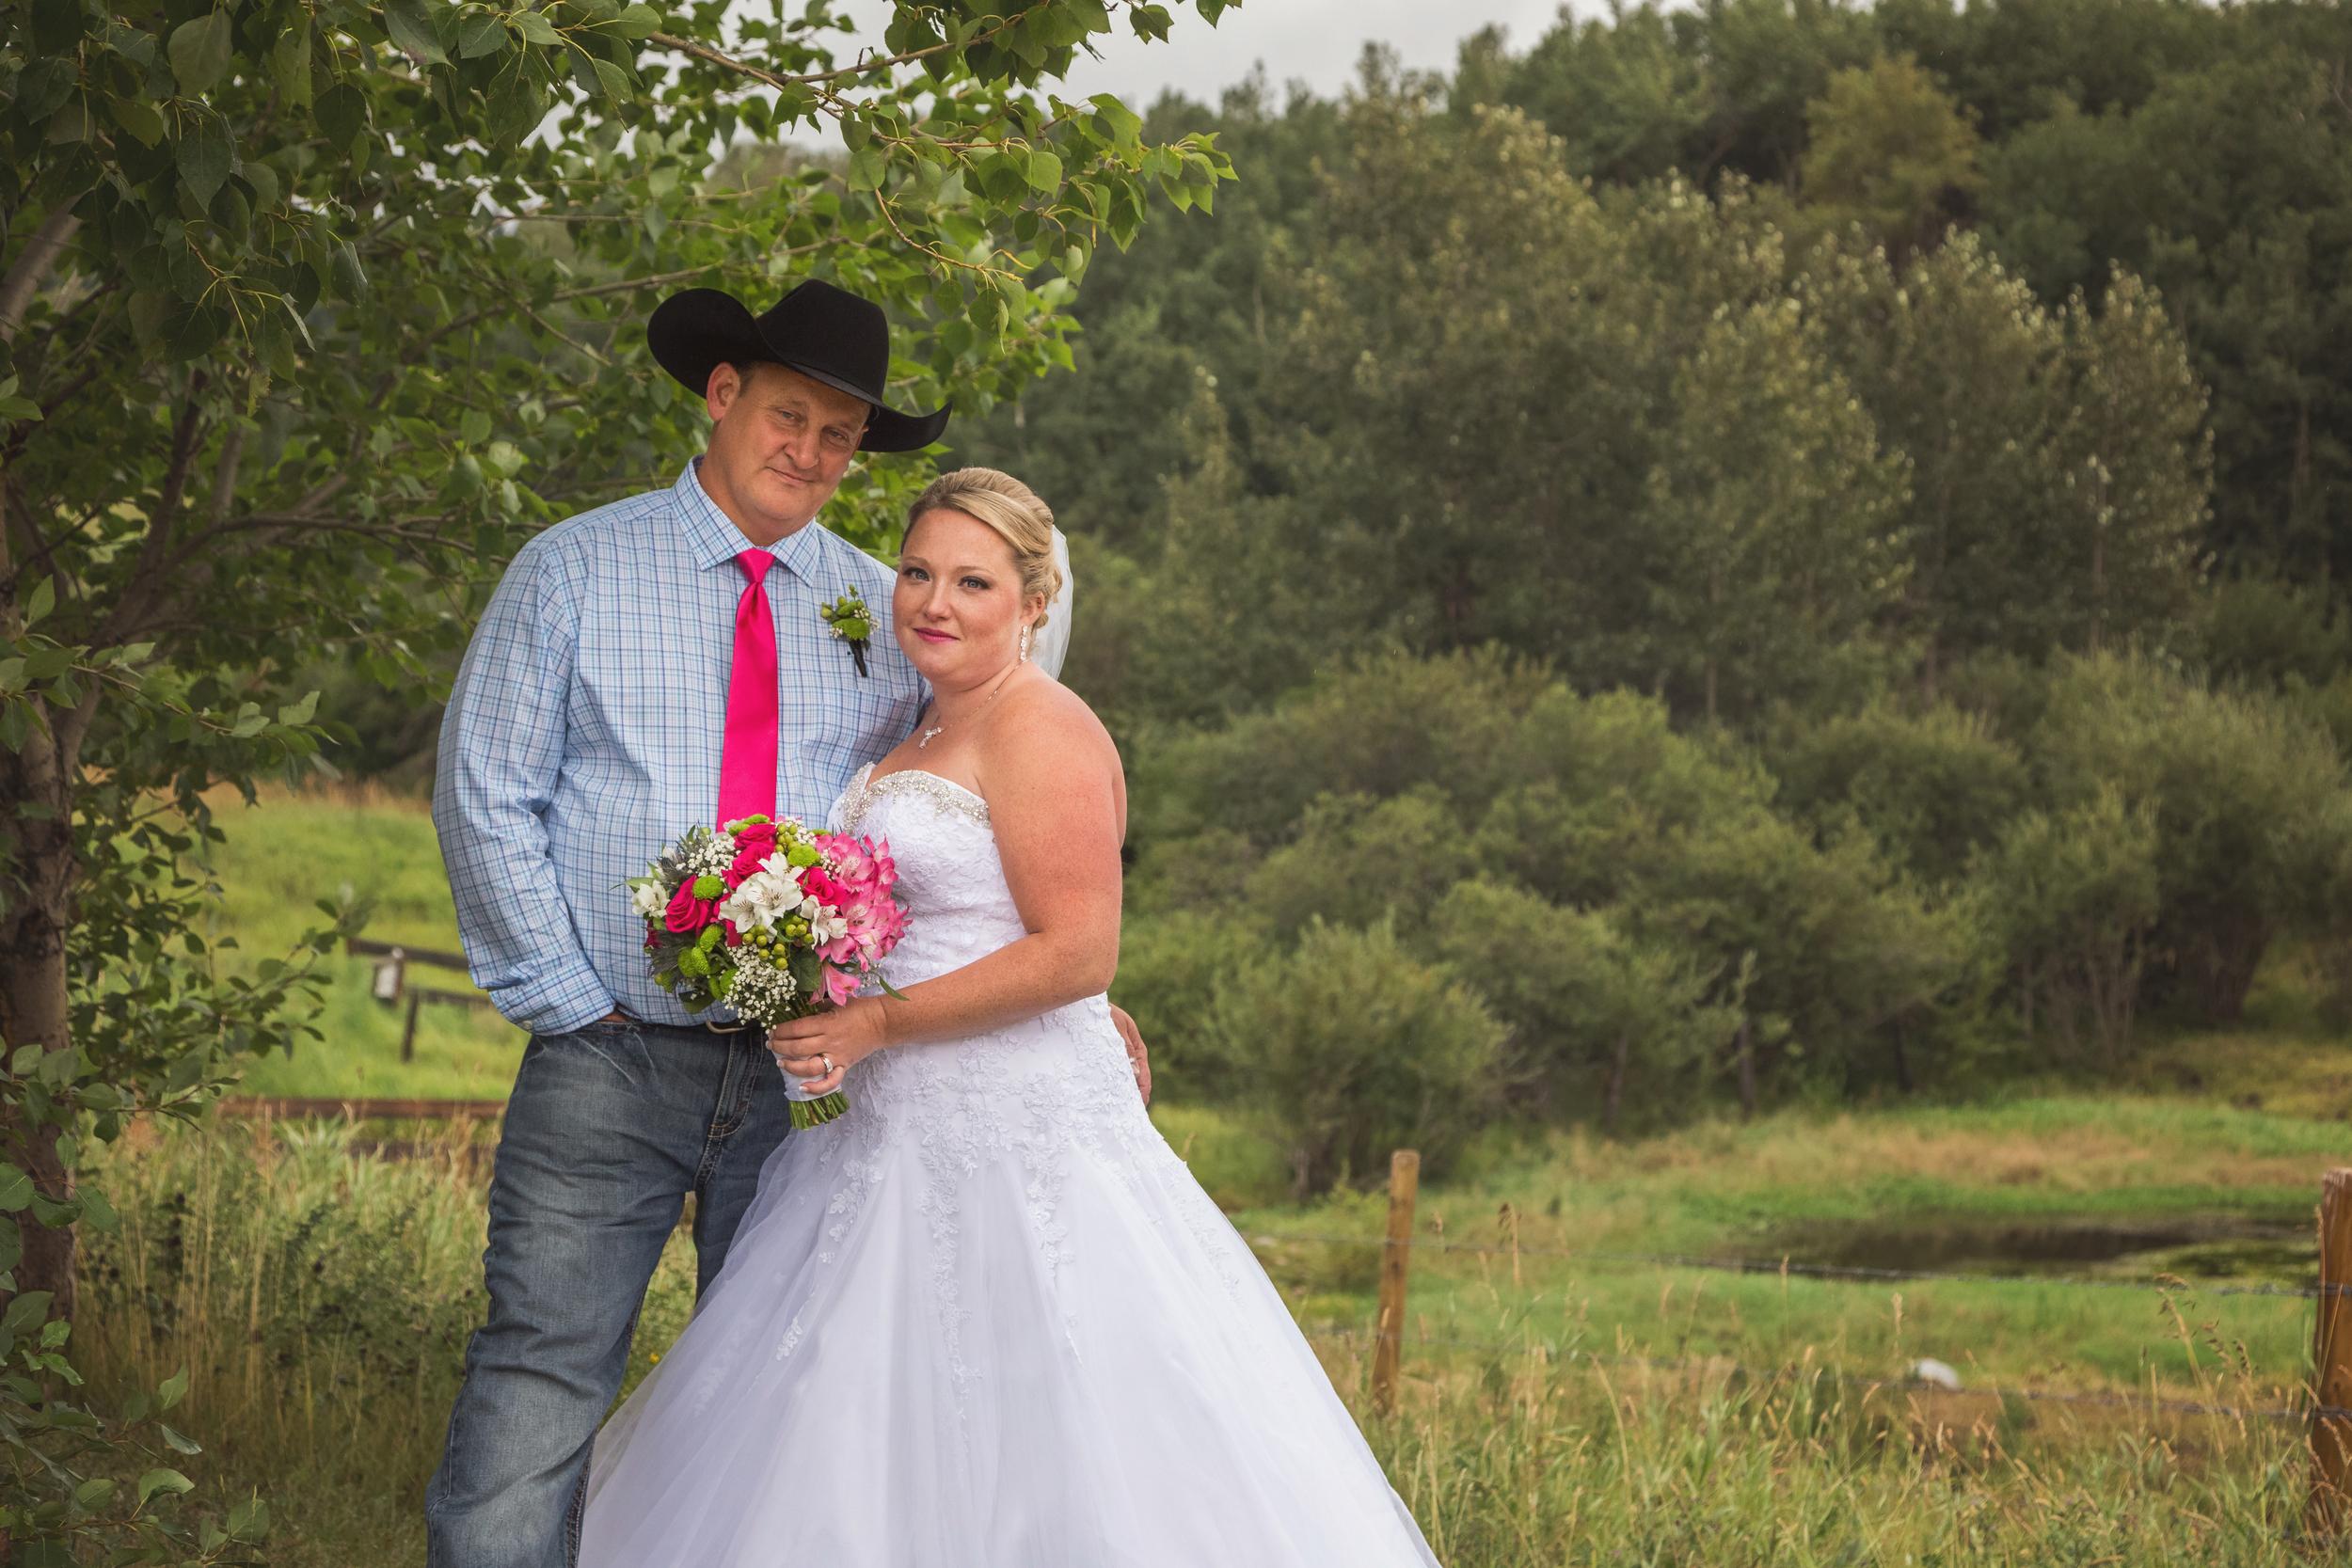 CS_Wedding_14-08-23_255.jpg